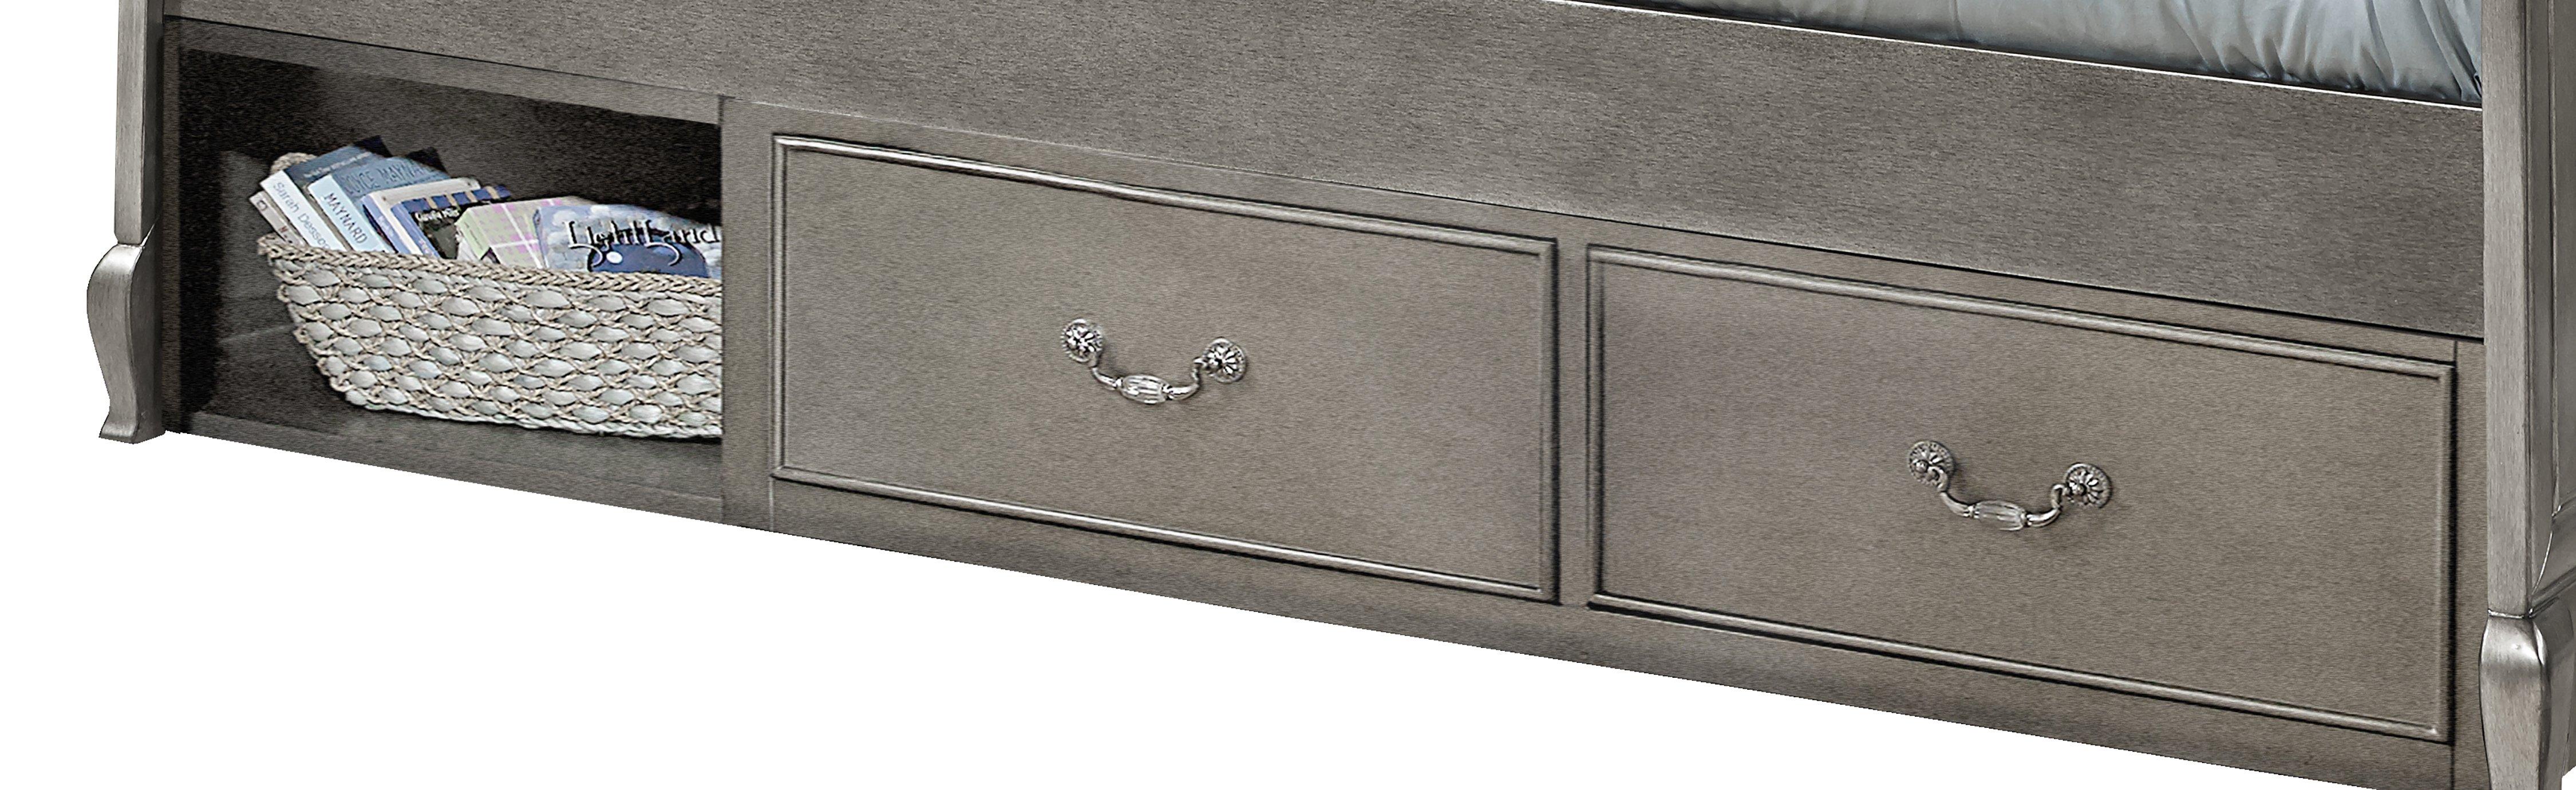 Kensington Storage Drawers